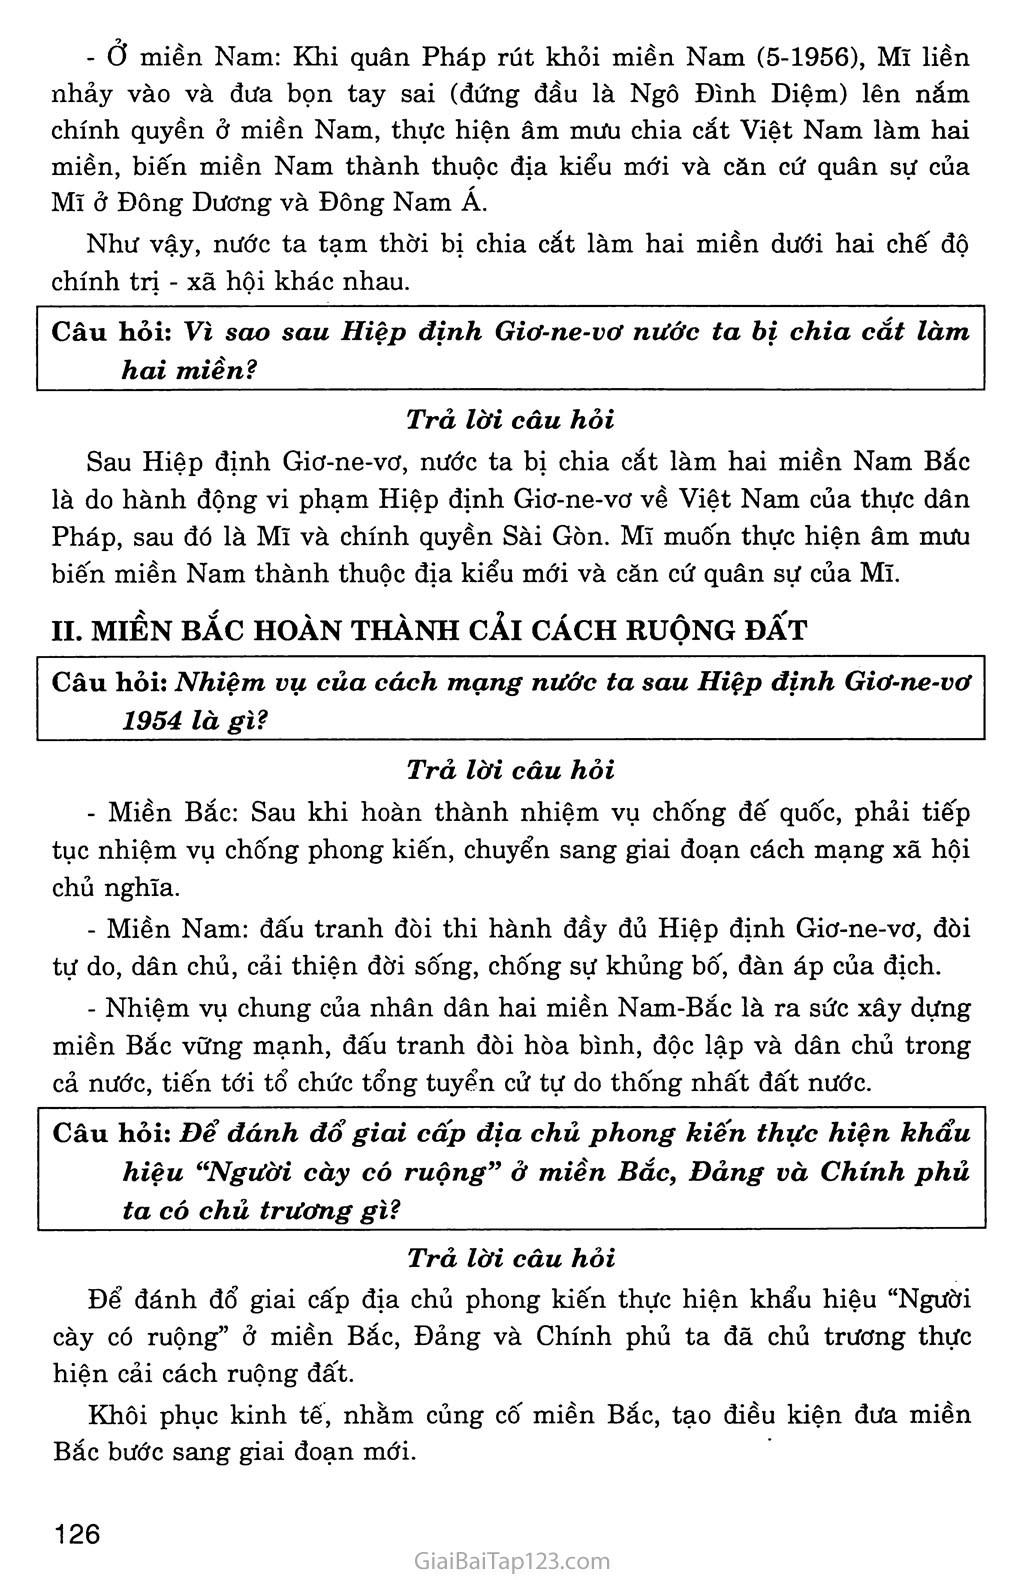 Bài 28: Xây dựng chủ nghĩa xã hội ở miền Bắc, đấu tranh chống đế quốc Mĩ và chính quyền Sài Gòn ở miền Nam (1954 - 1965) trang 2